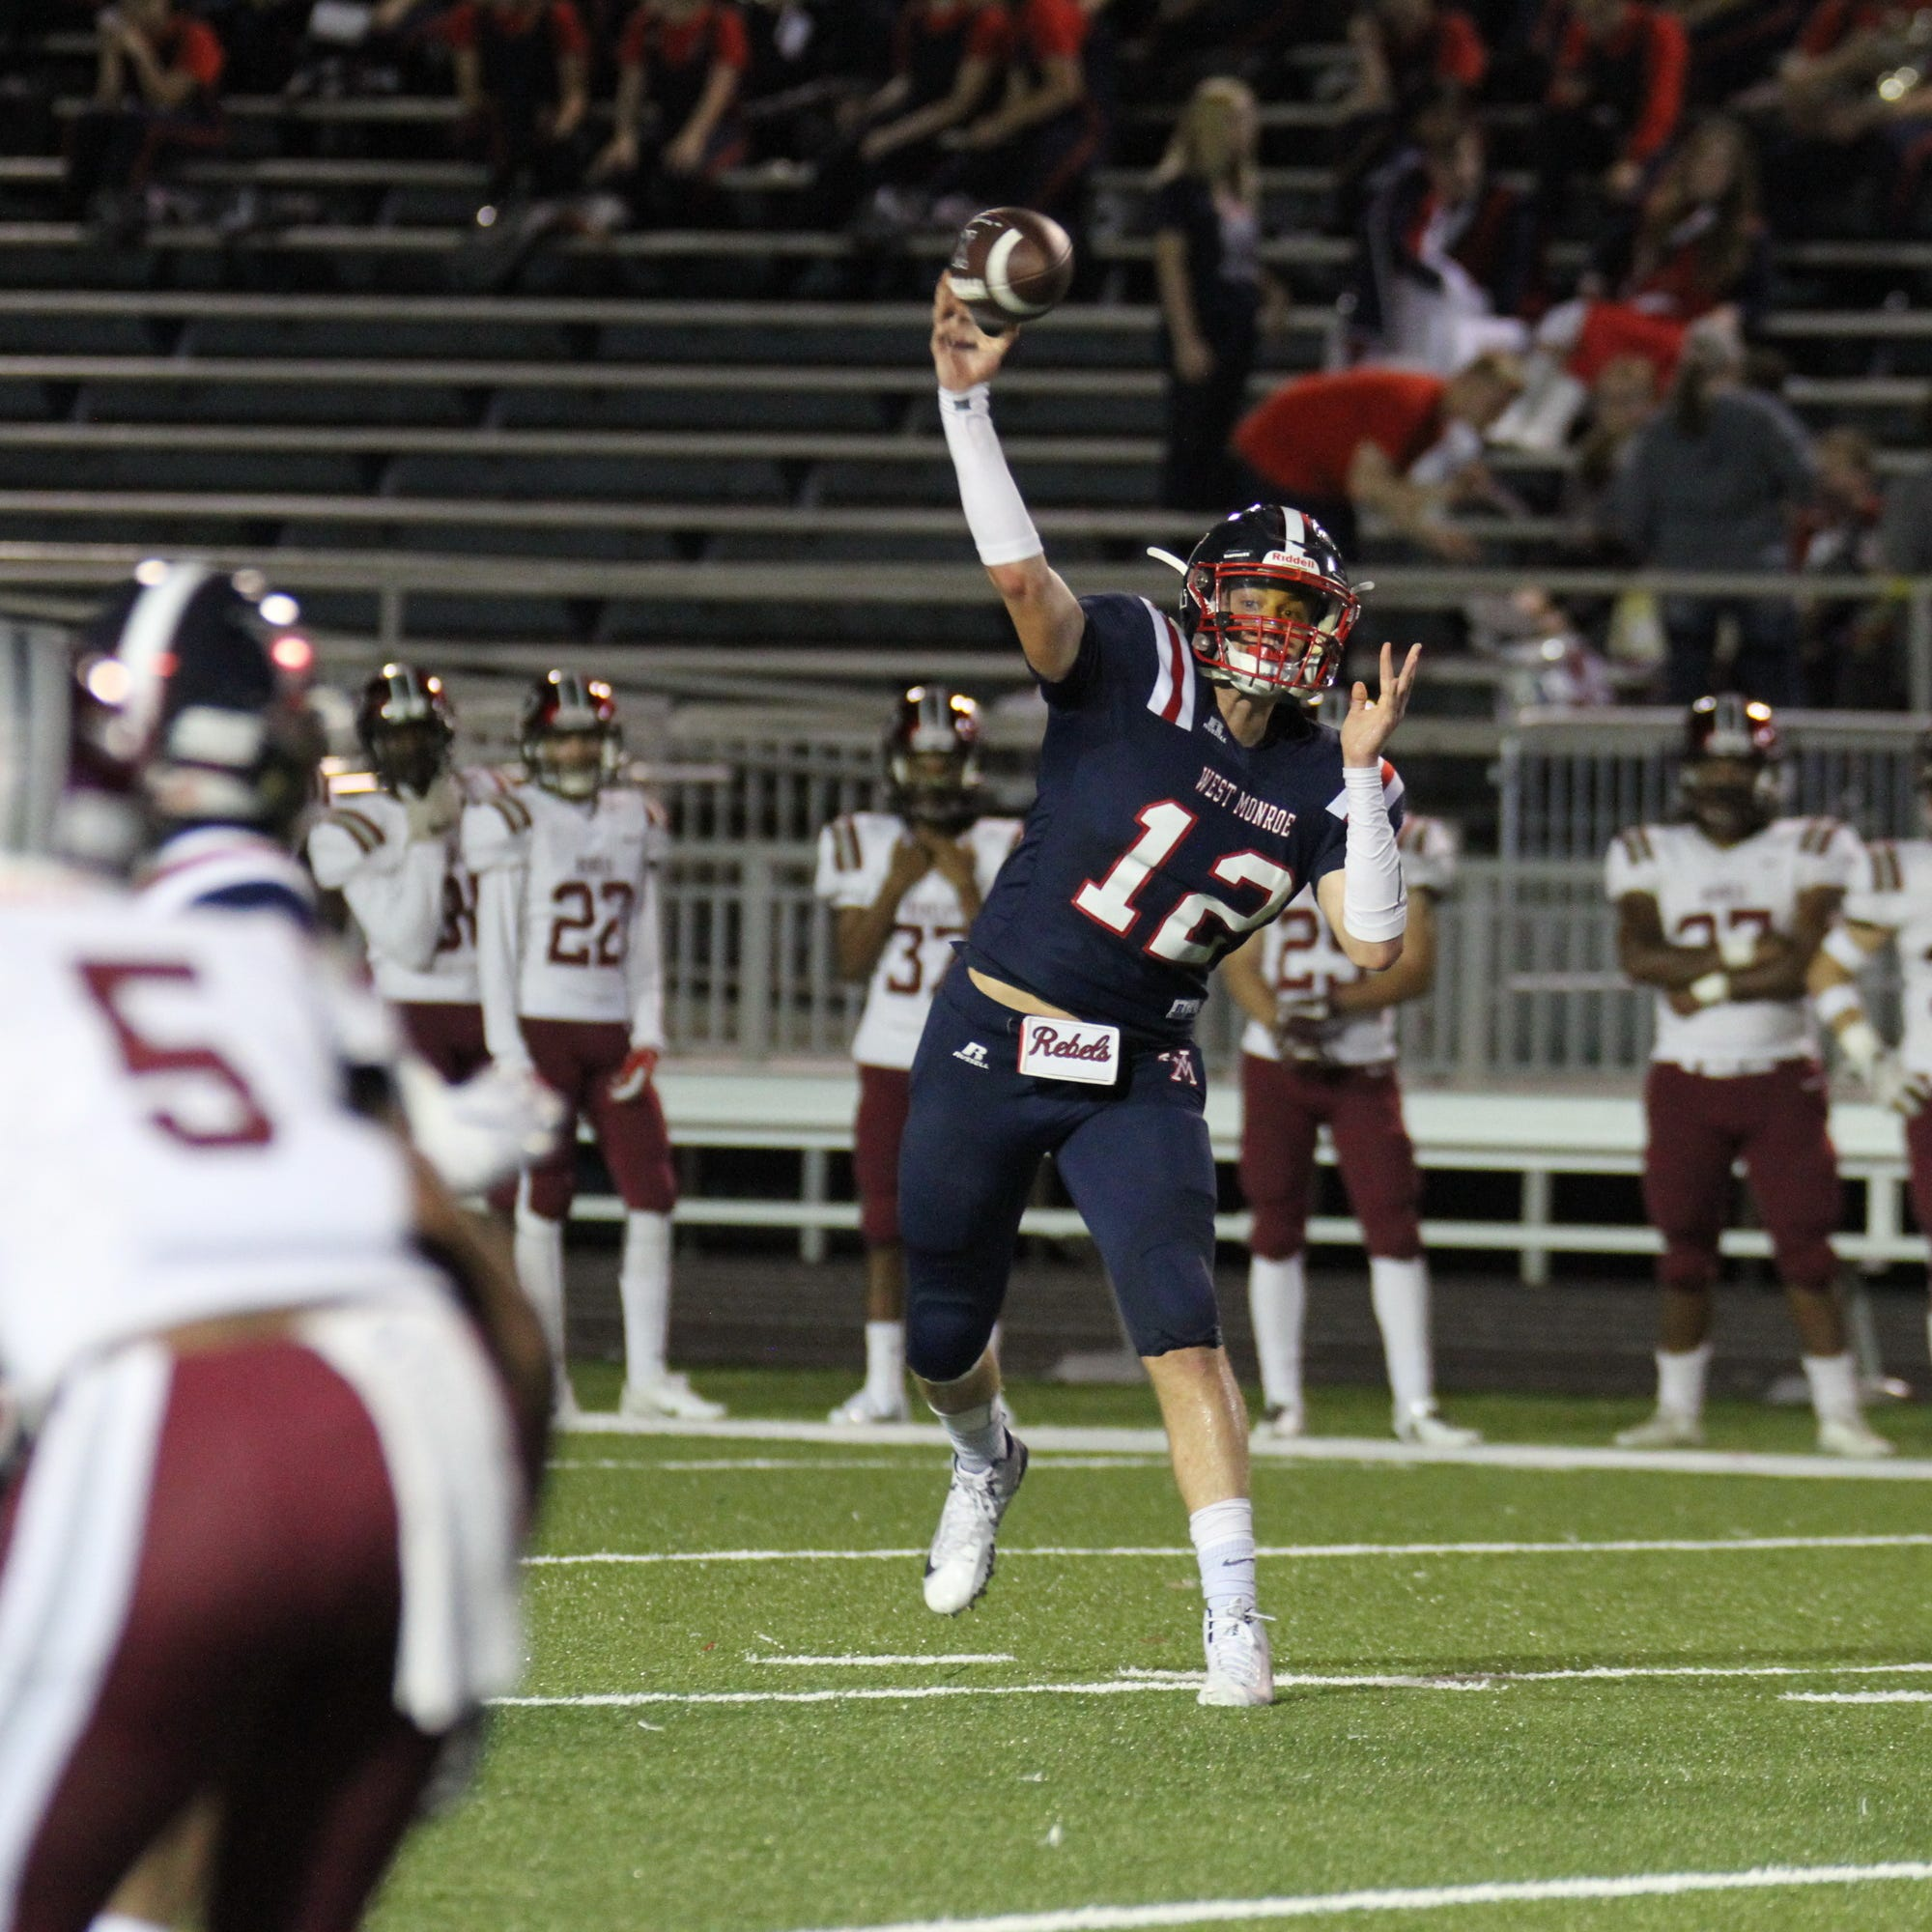 West Monroe junior quarterback Garrett Kahmann (12) rifles a pass against Pineville Friday, Oct. 19, 2018 at Rebel Stadium.